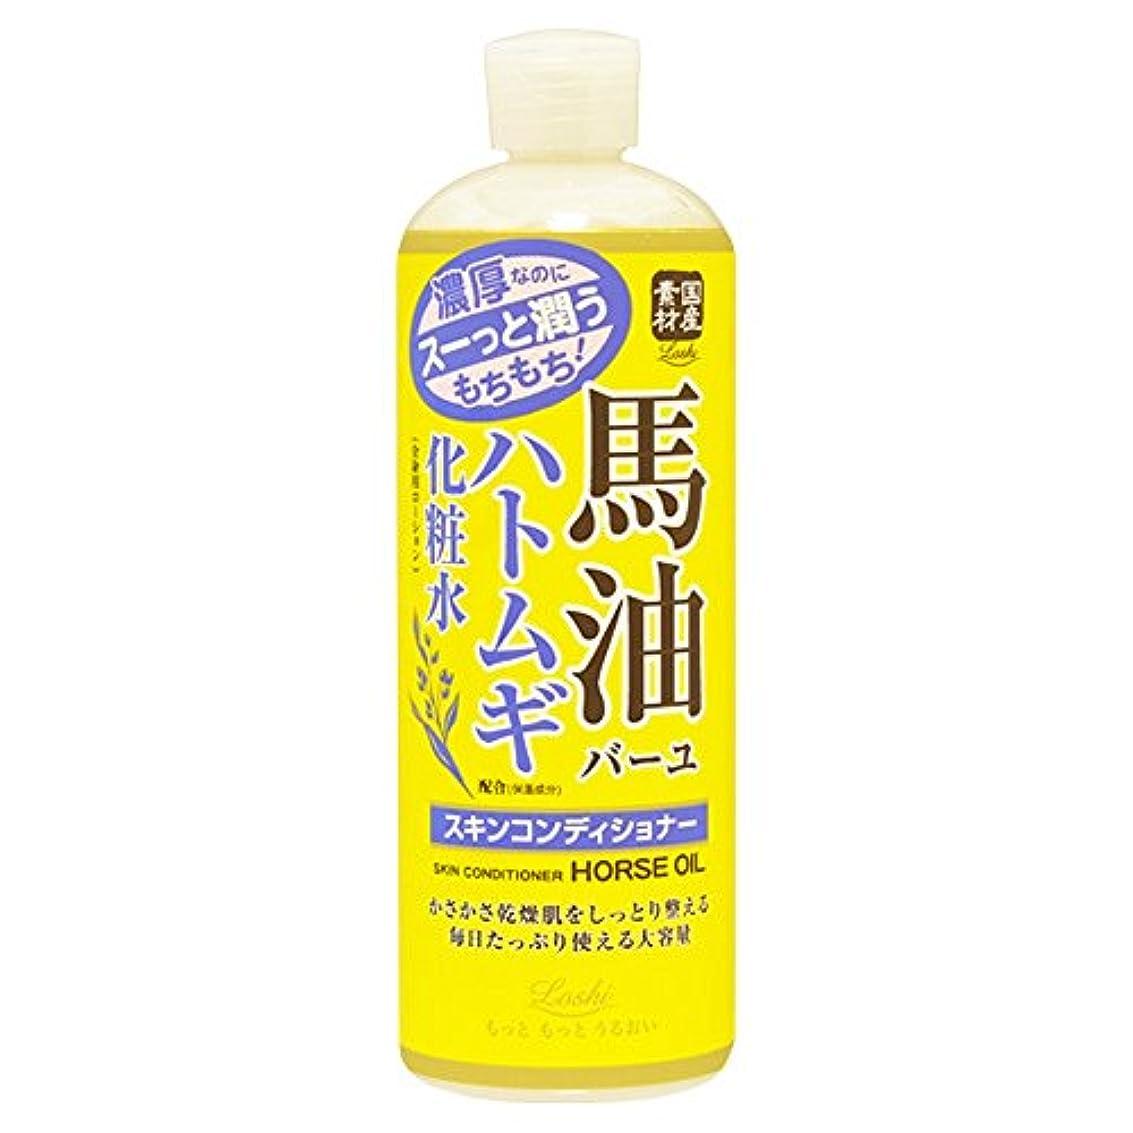 合図ガイド噴火ロッシモイストエイド スキンコンディショナー 馬油&ハトムギ 500ml (化粧水 ローション 高保湿)